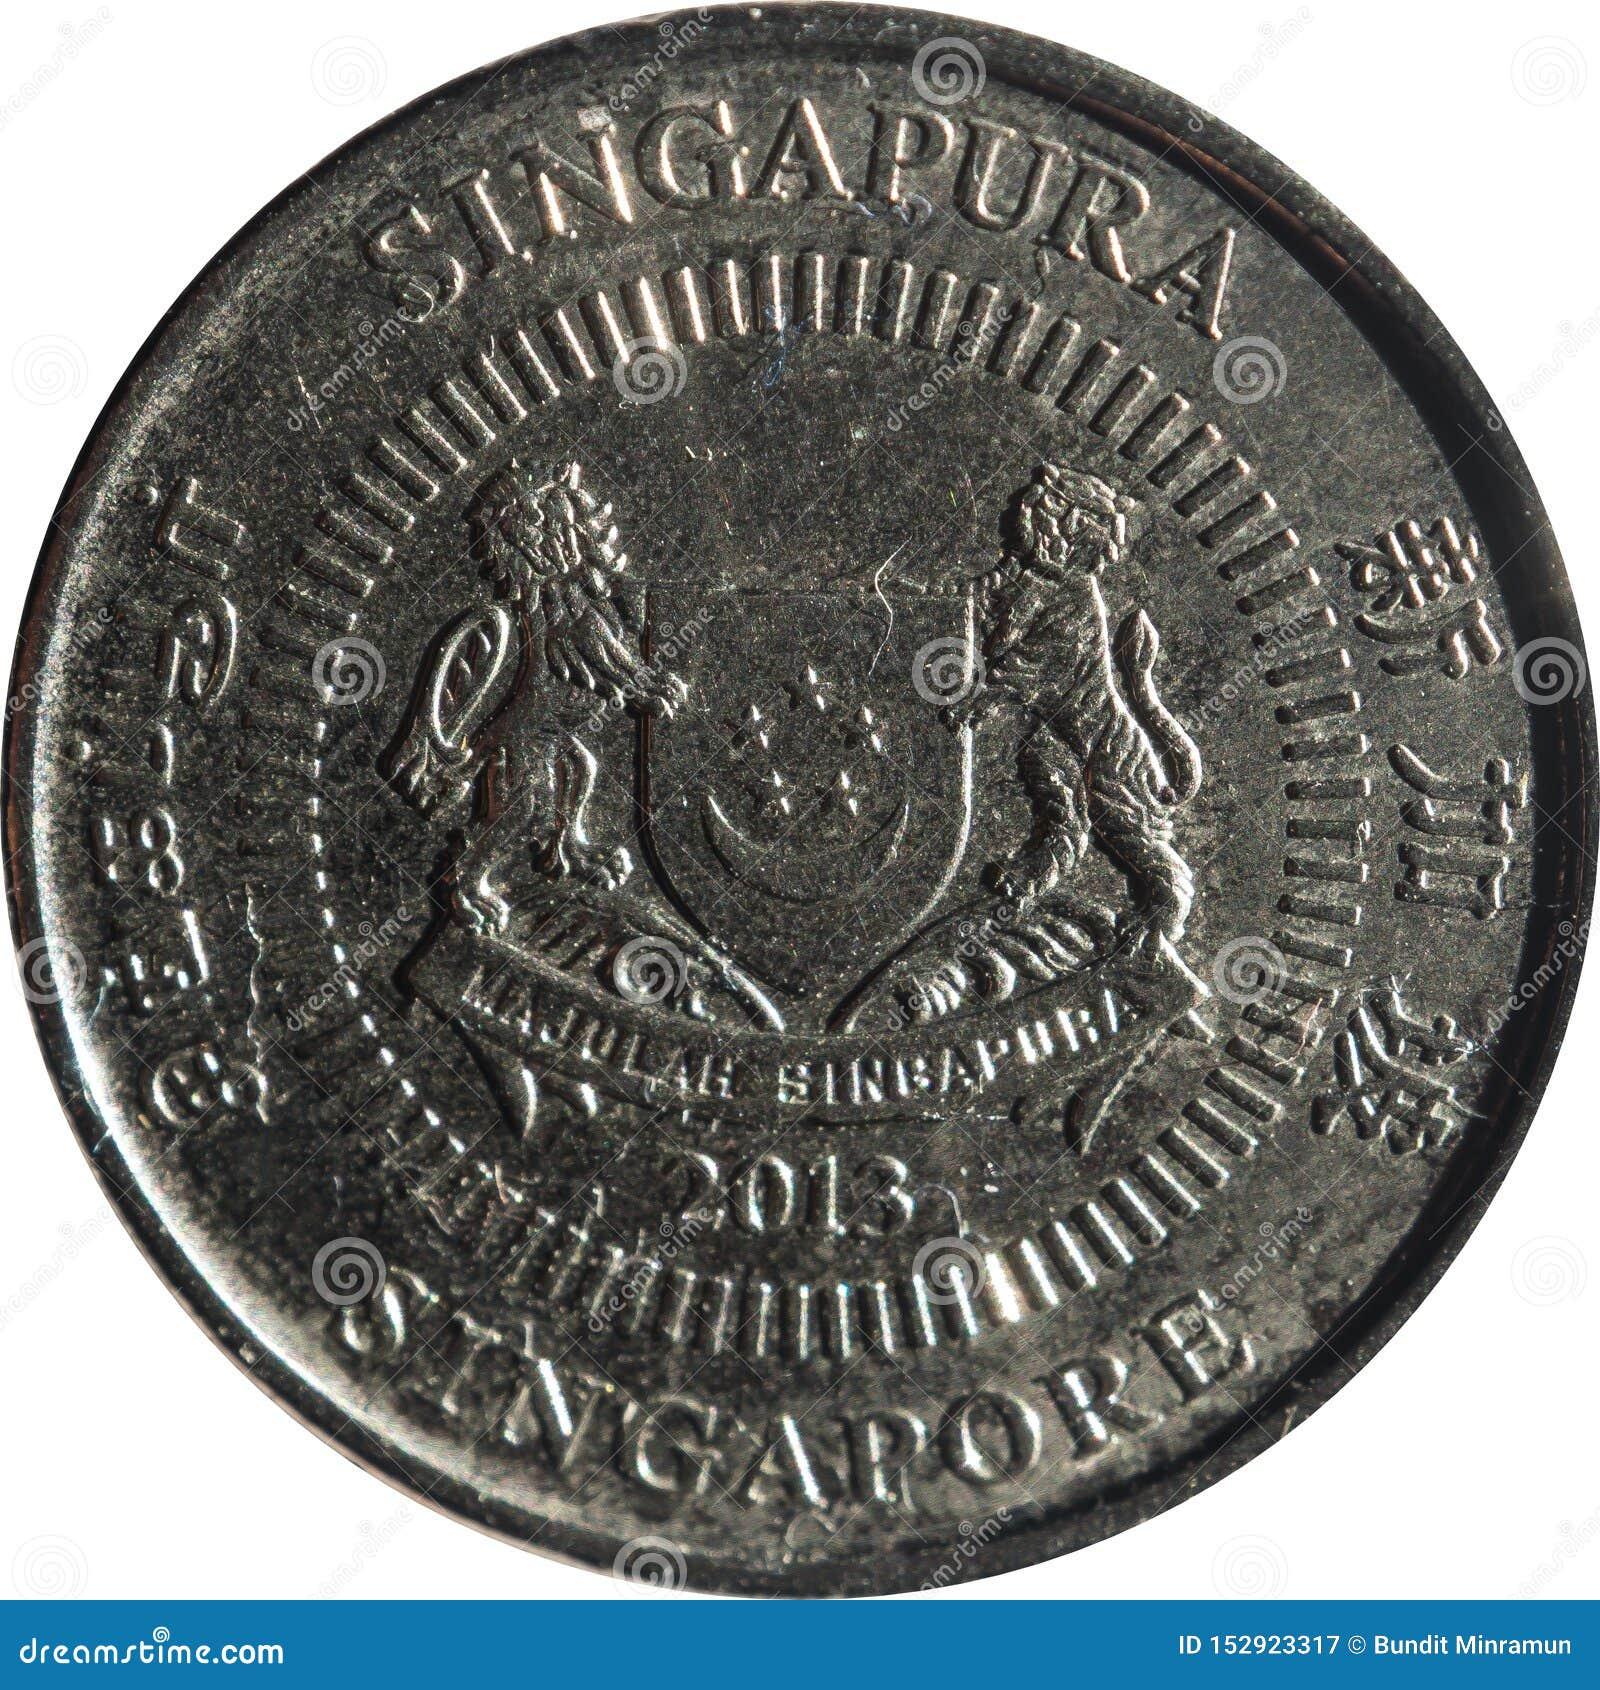 La moneda del cinco-centavo de Singapur ofrece el emblema con la fecha debajo y 'Singapur 'en cuatro lados en inglés, Tamil, chin